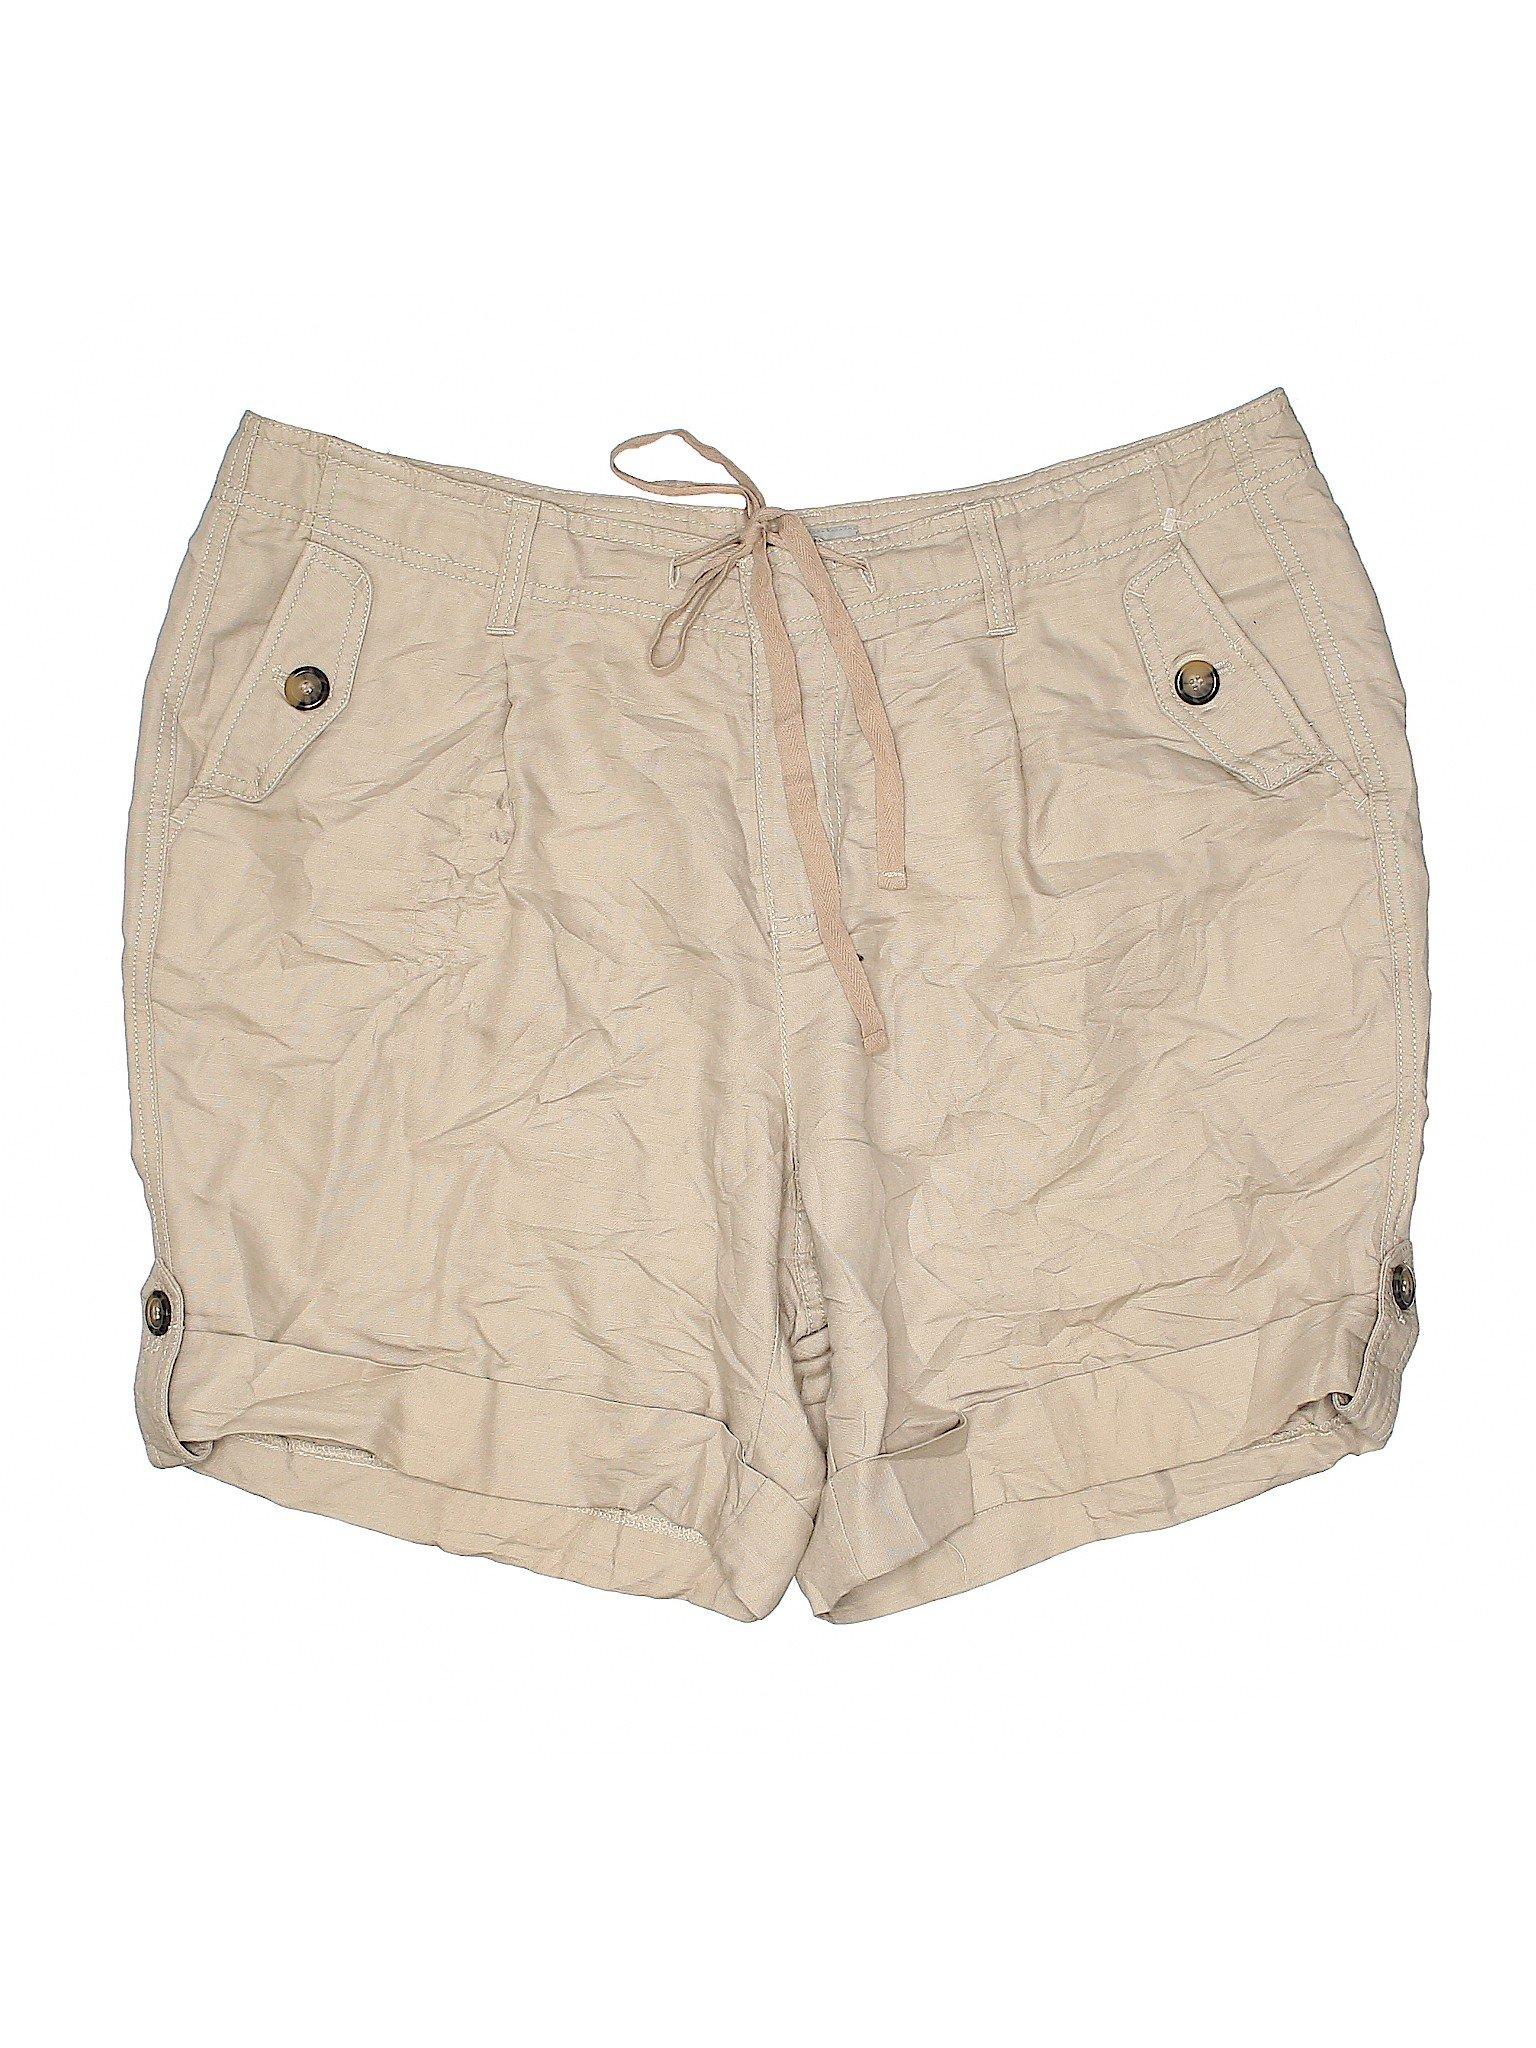 Boutique Liz Claiborne Boutique Liz Khaki Khaki Claiborne Liz Boutique Khaki Shorts Shorts Shorts Claiborne xrqrBw